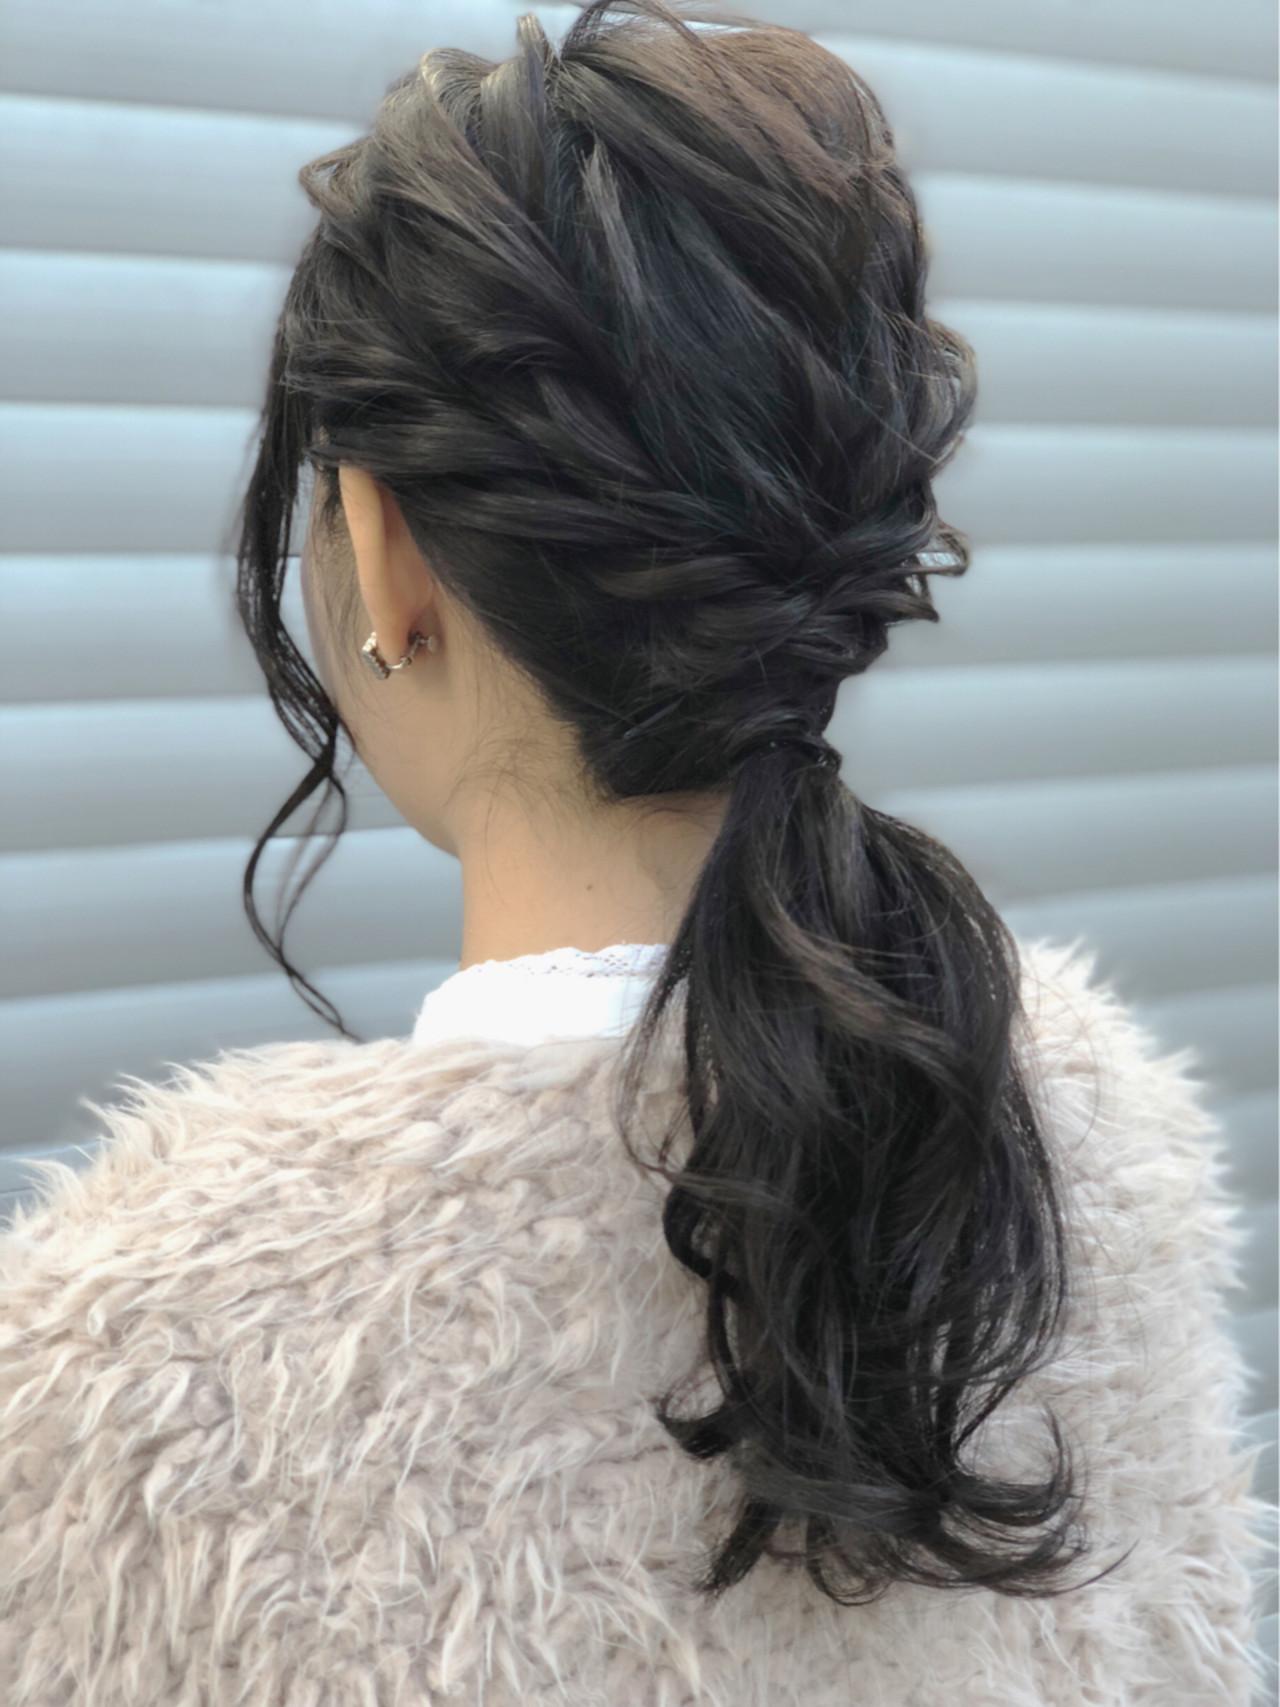 ポニーテール ヘアアレンジ 結婚式 ナチュラル ヘアスタイルや髪型の写真・画像